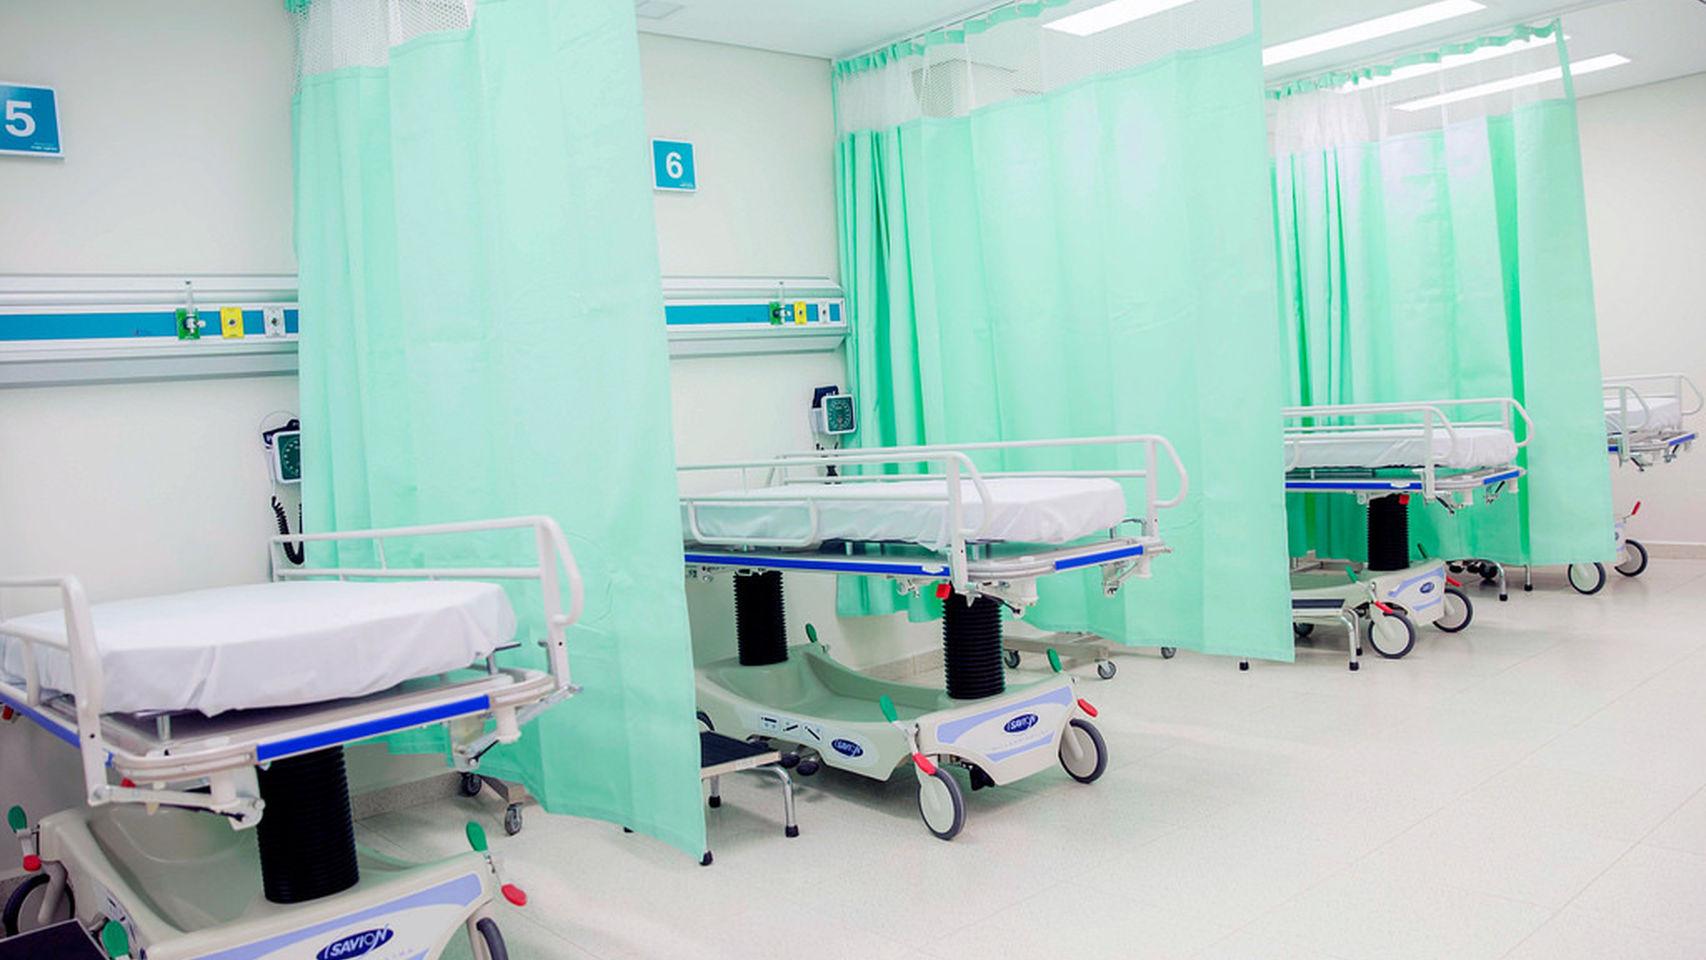 Campaña de phishing a hospitales aprovechando la crisis del Coronavirus -  Una al Día